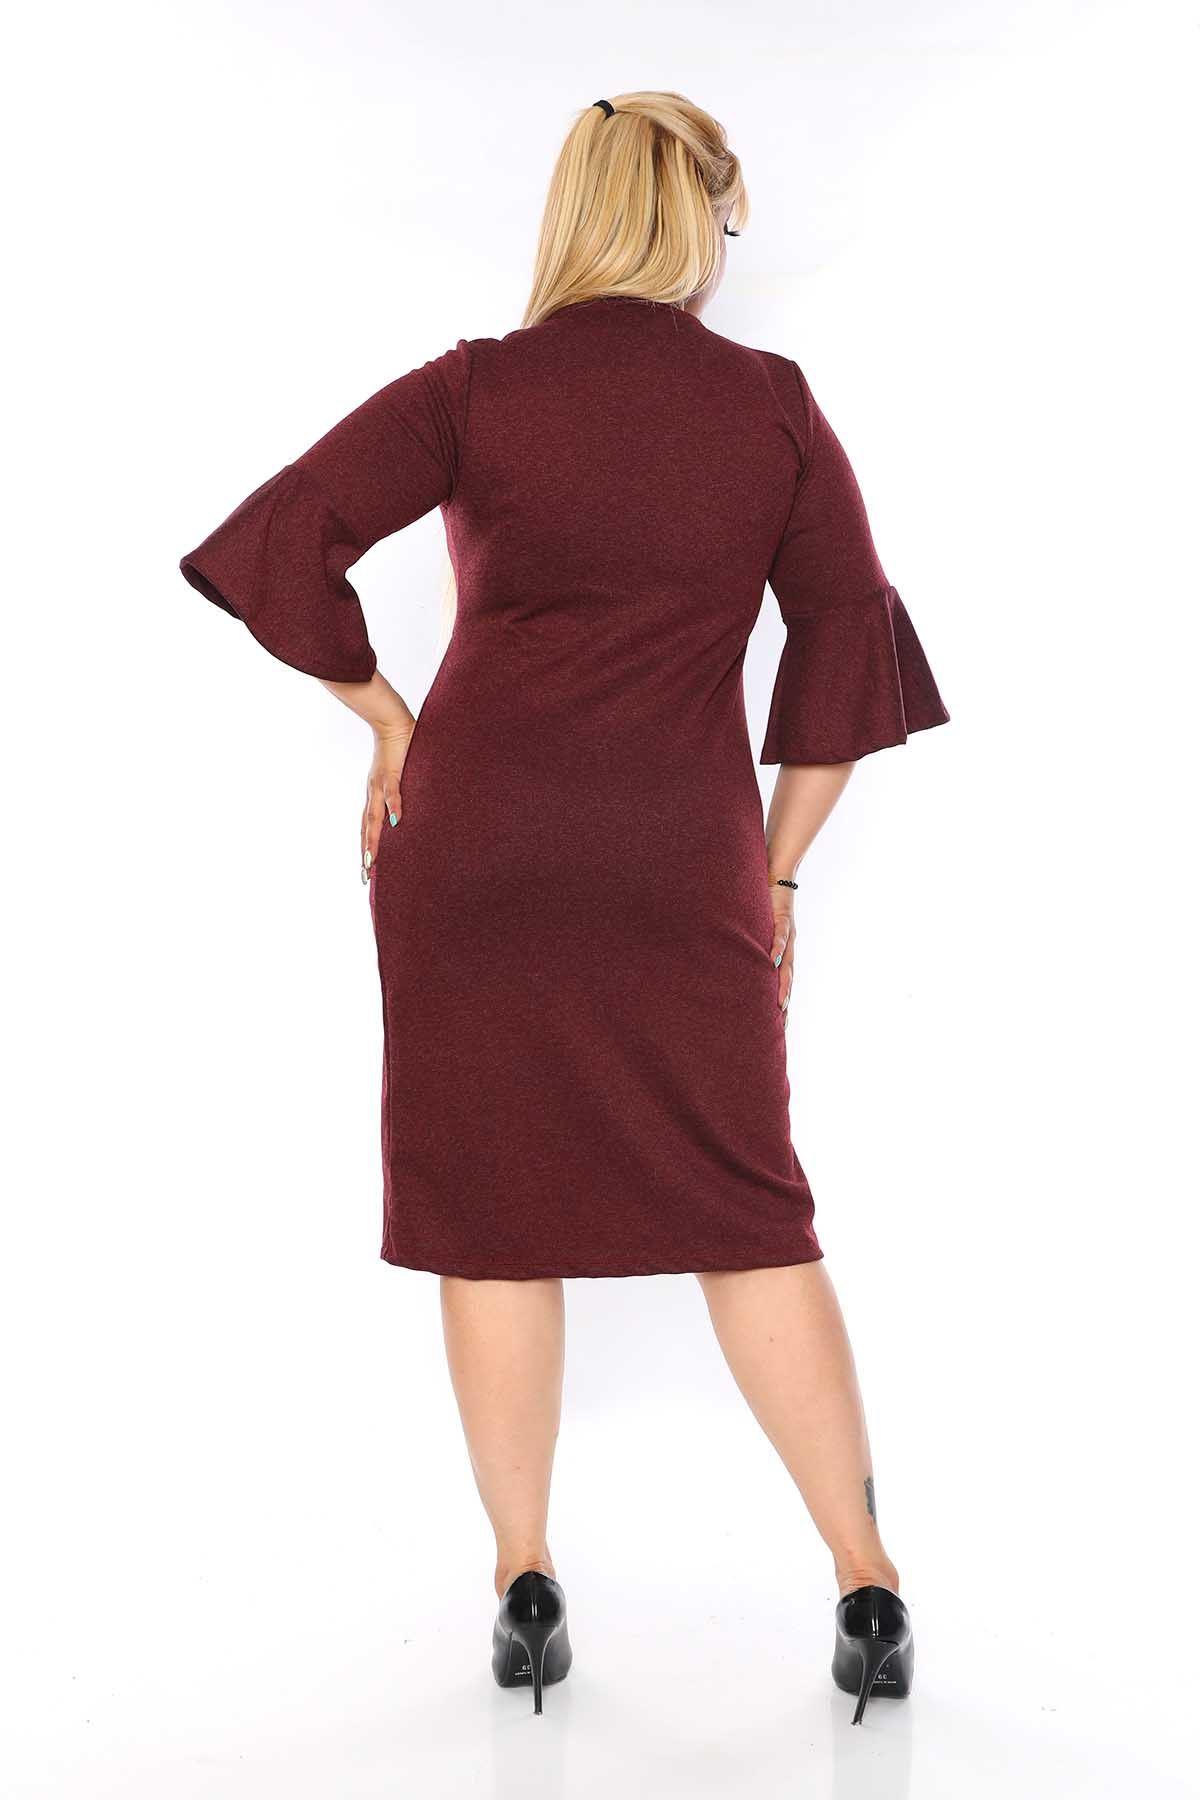 Kruvaze Yaka Bordo Büyük Beden Elbise 2C-0754